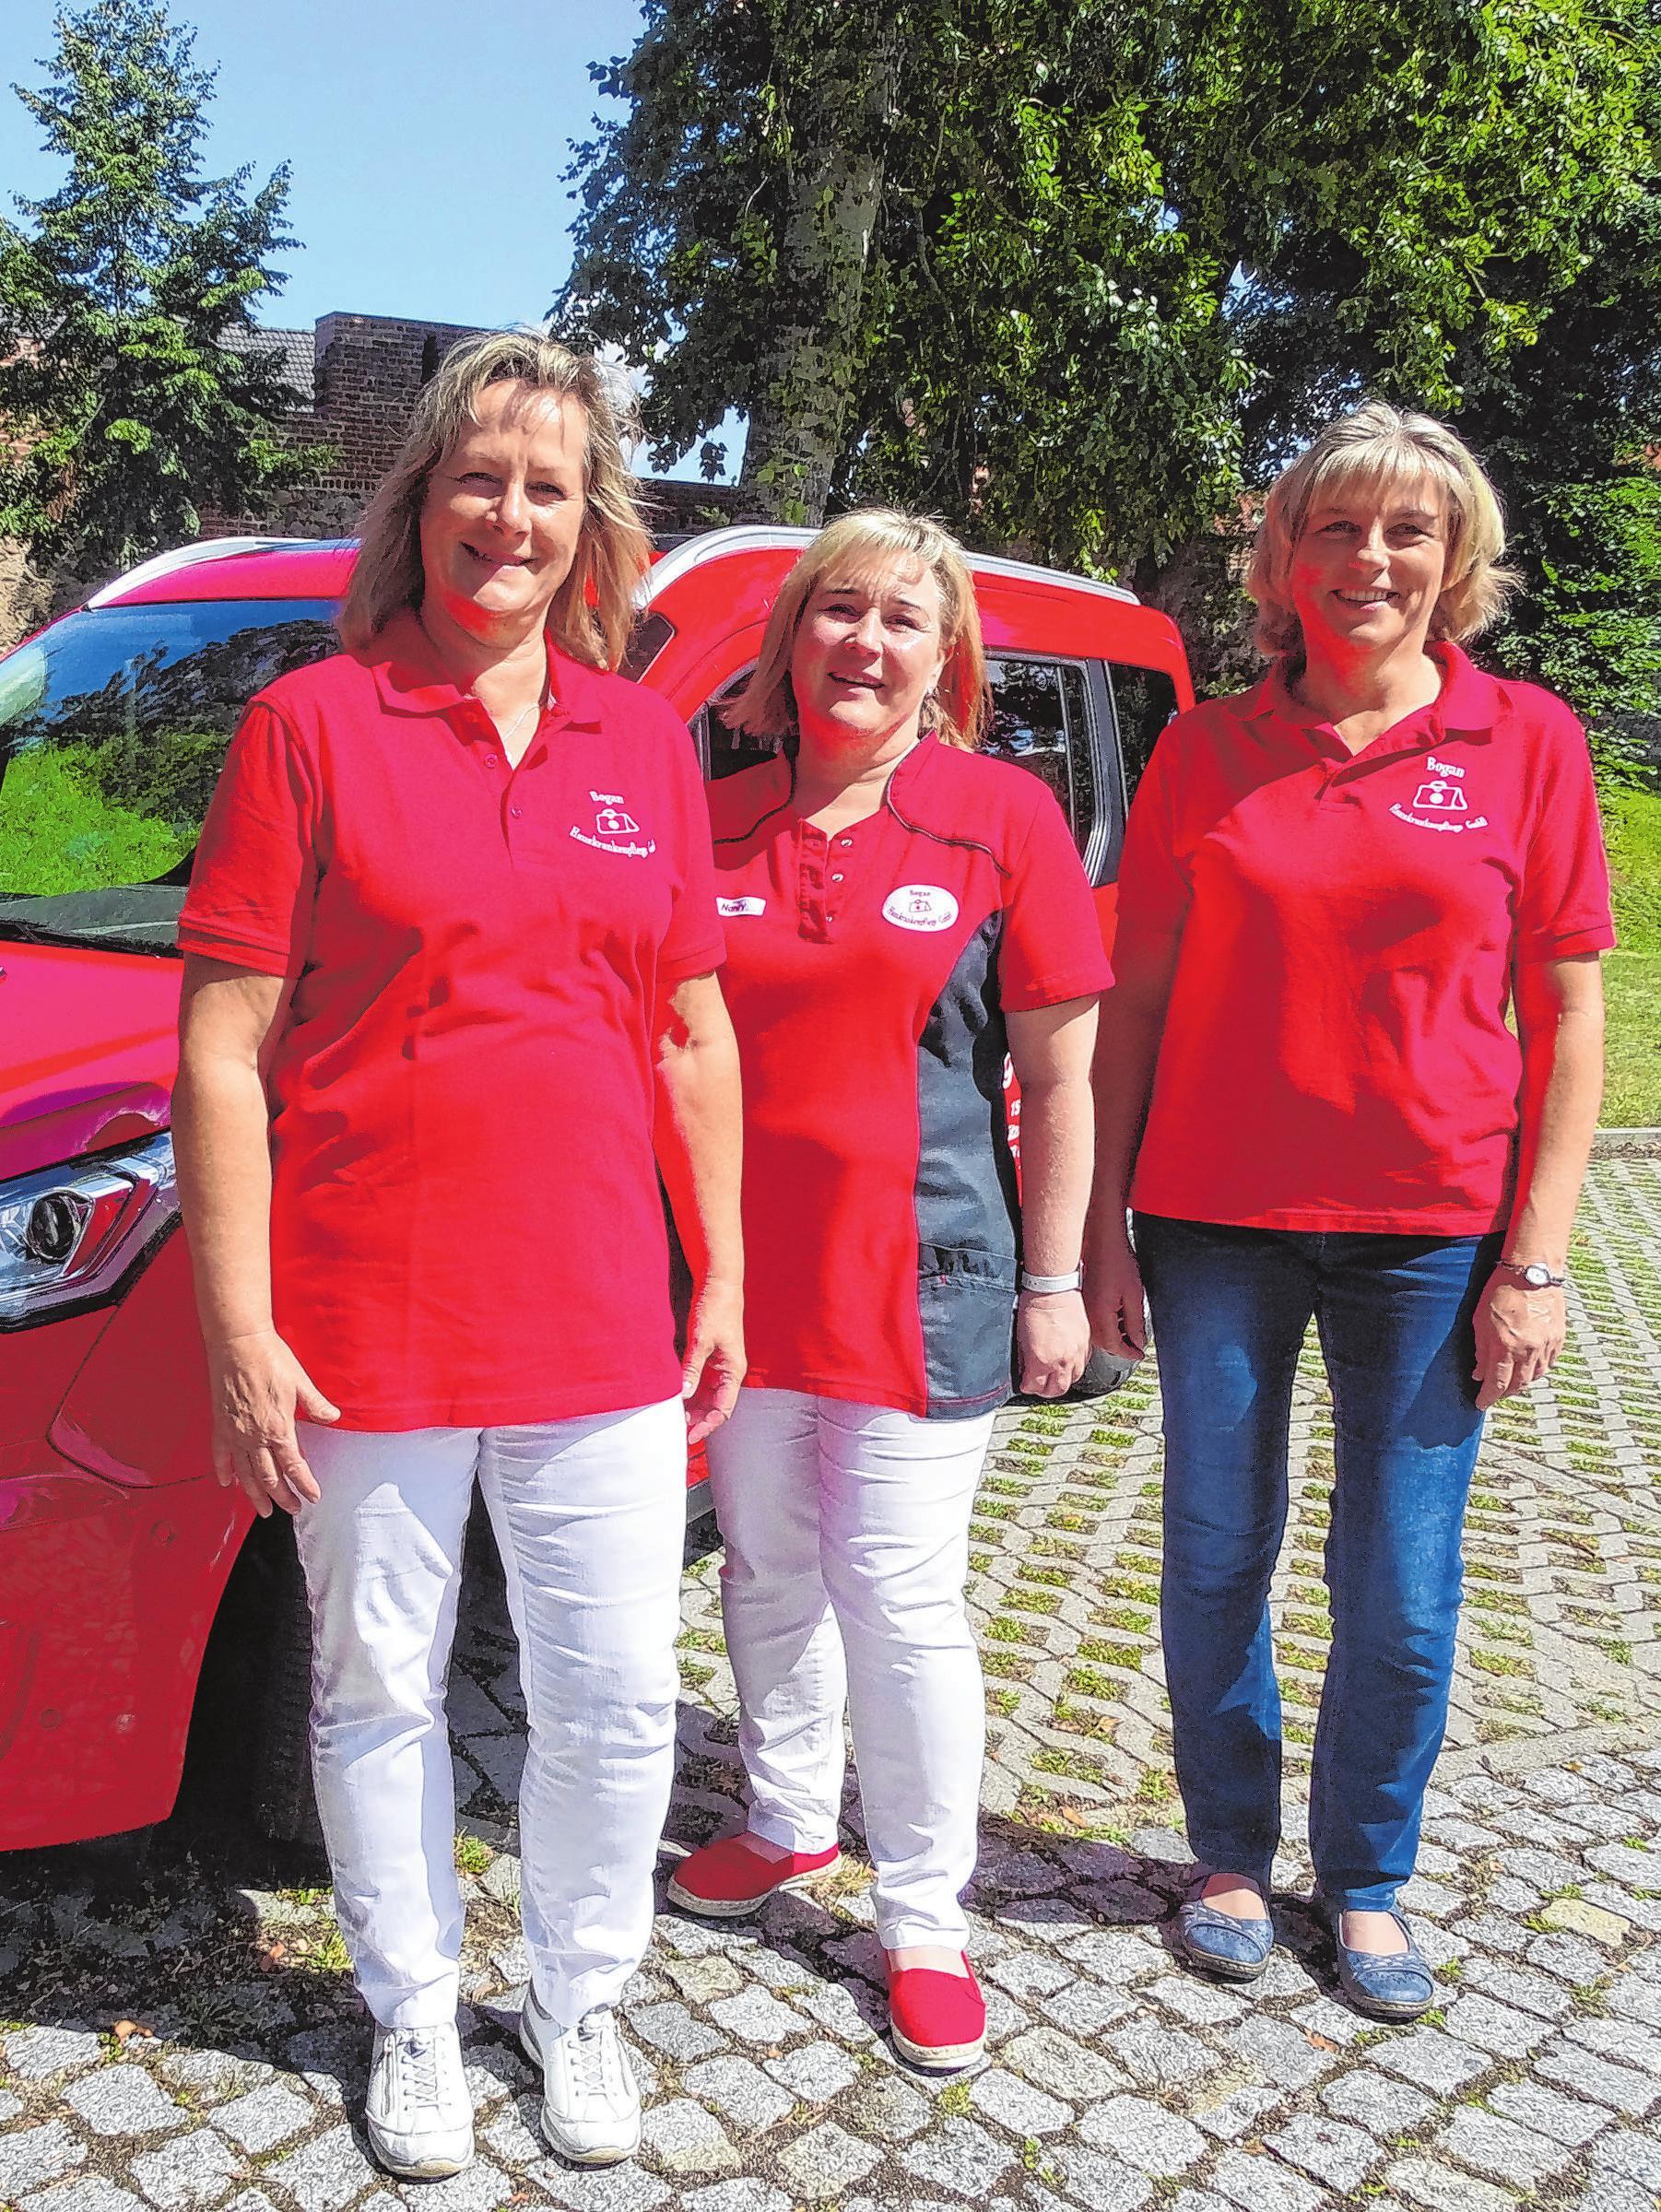 Das Leitungsteam der Bogan Hauskrankenpflege: Geschäftsführerin Sabine Bogan (v. l.), Nancy Jedro und Elke Franzke.